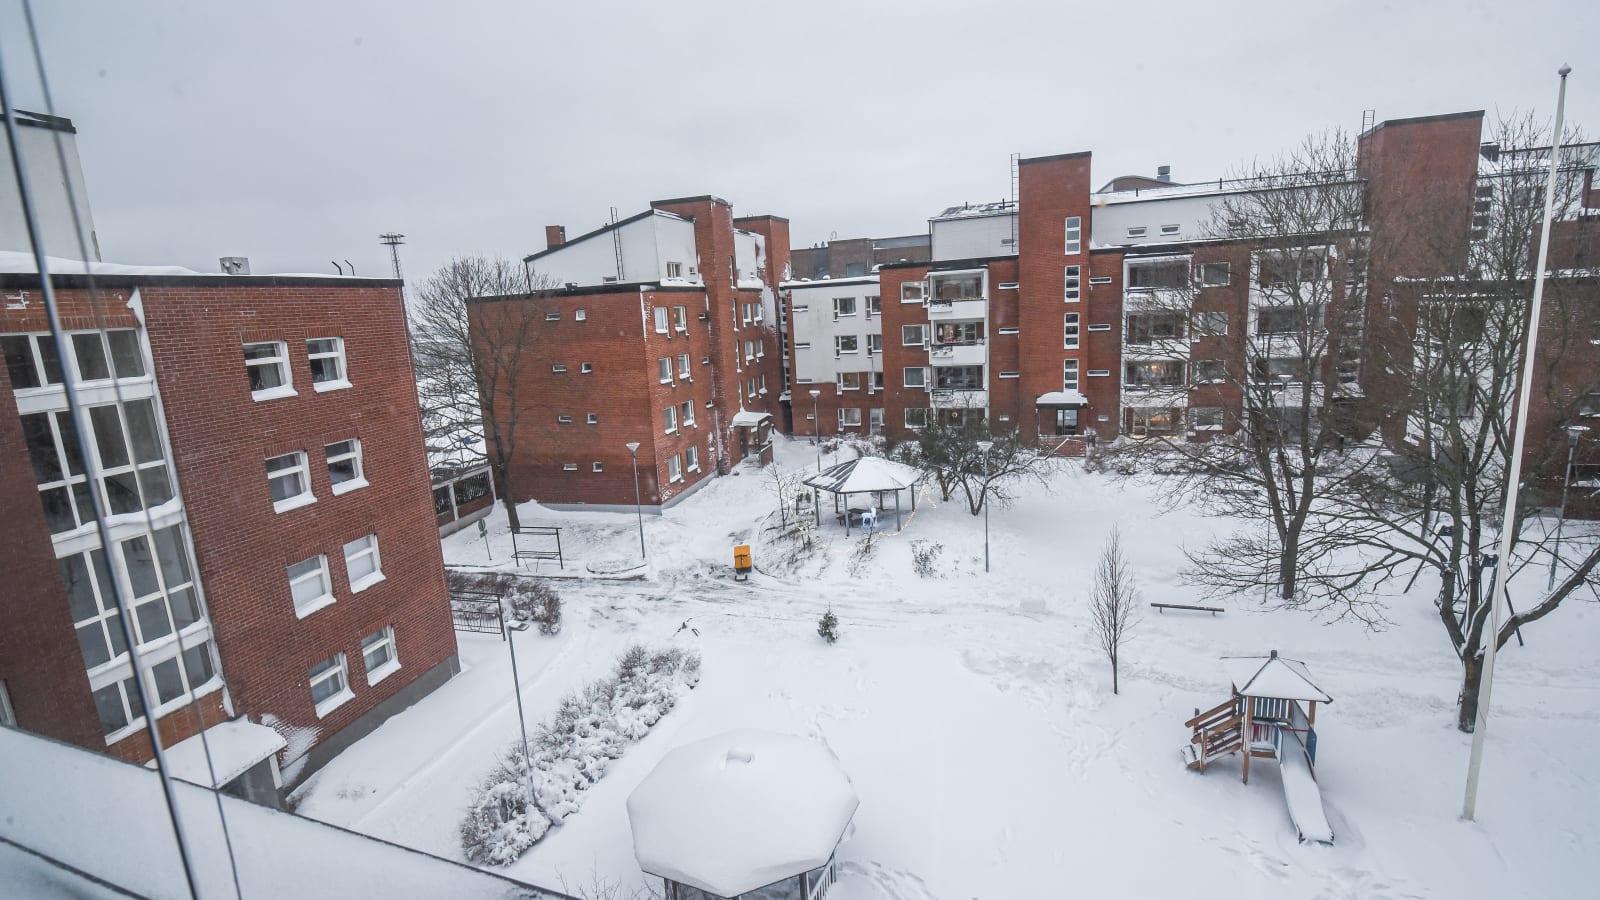 Helsinki, Katajanokka, Matruusinkatu 2